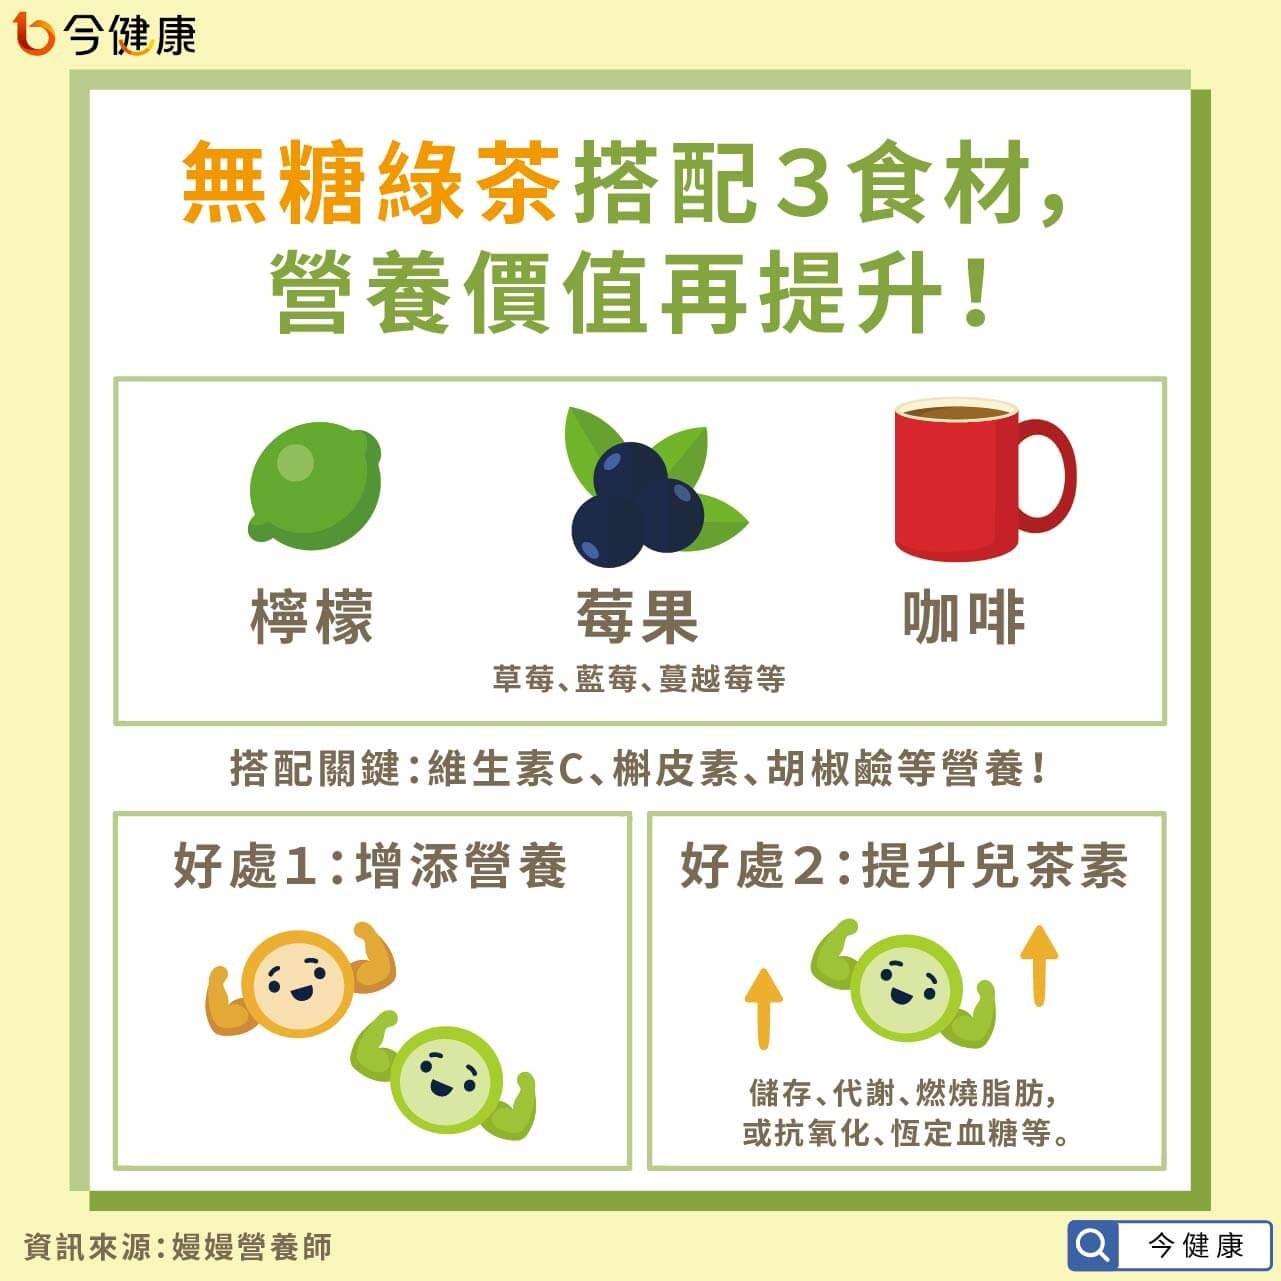 綠茶護心、顧肝、助減肥!營養師指10大好處,加3物效果再提升。(圖/今健康授權提供)